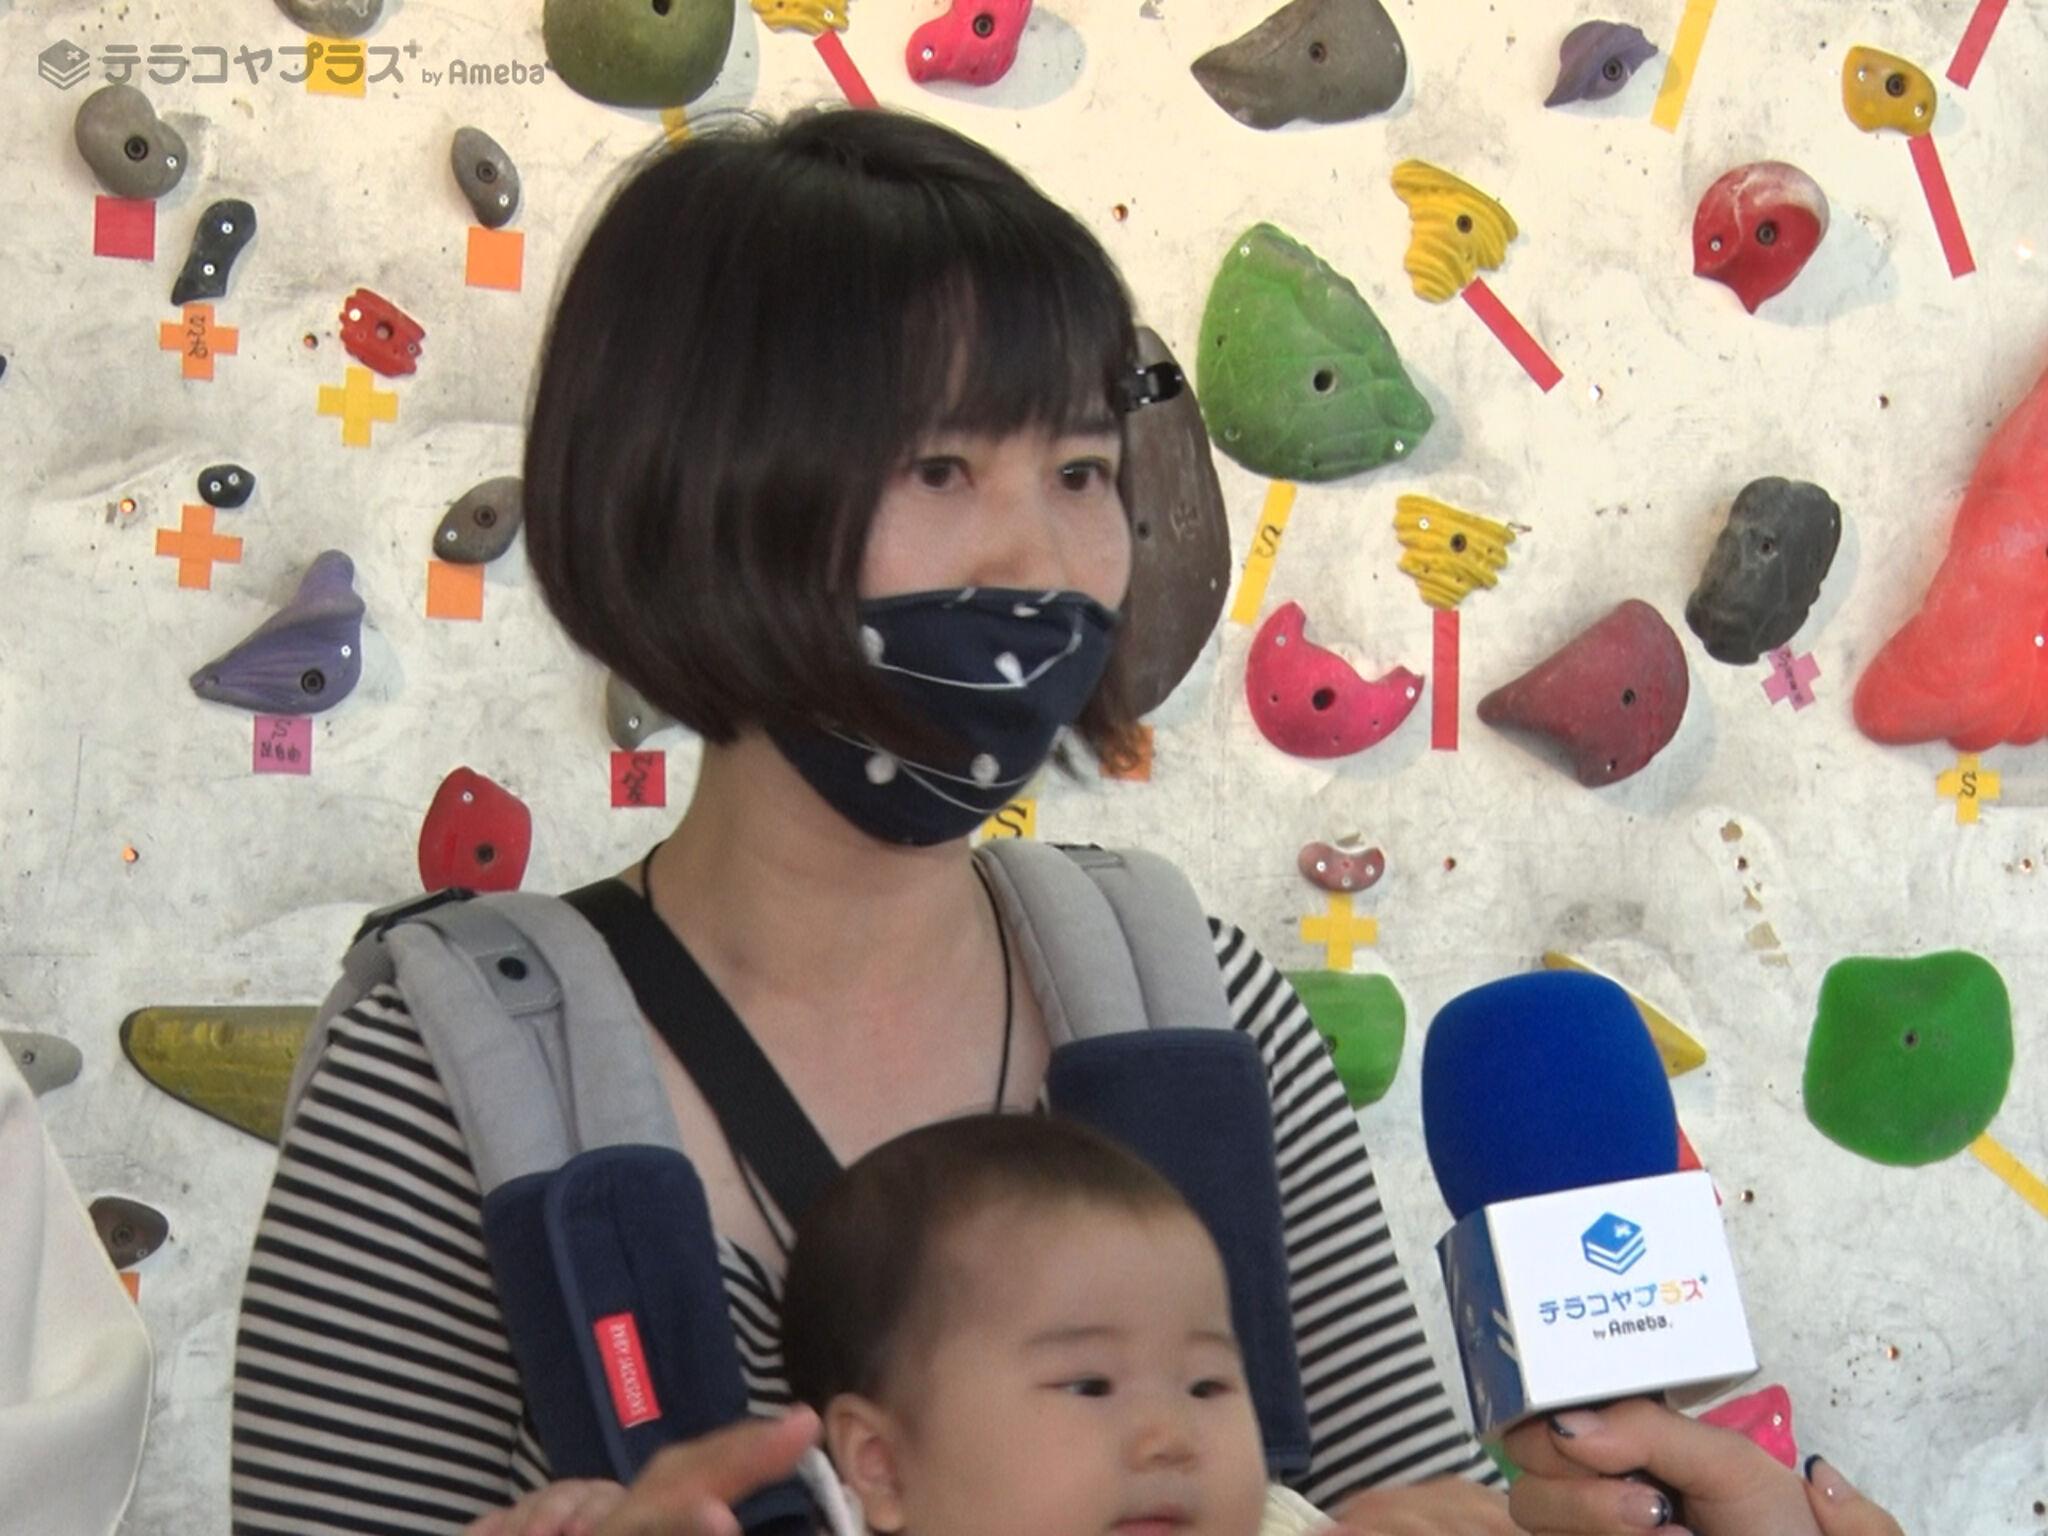 子どもをボルダリング教室に通わせている保護者Aさんの画像